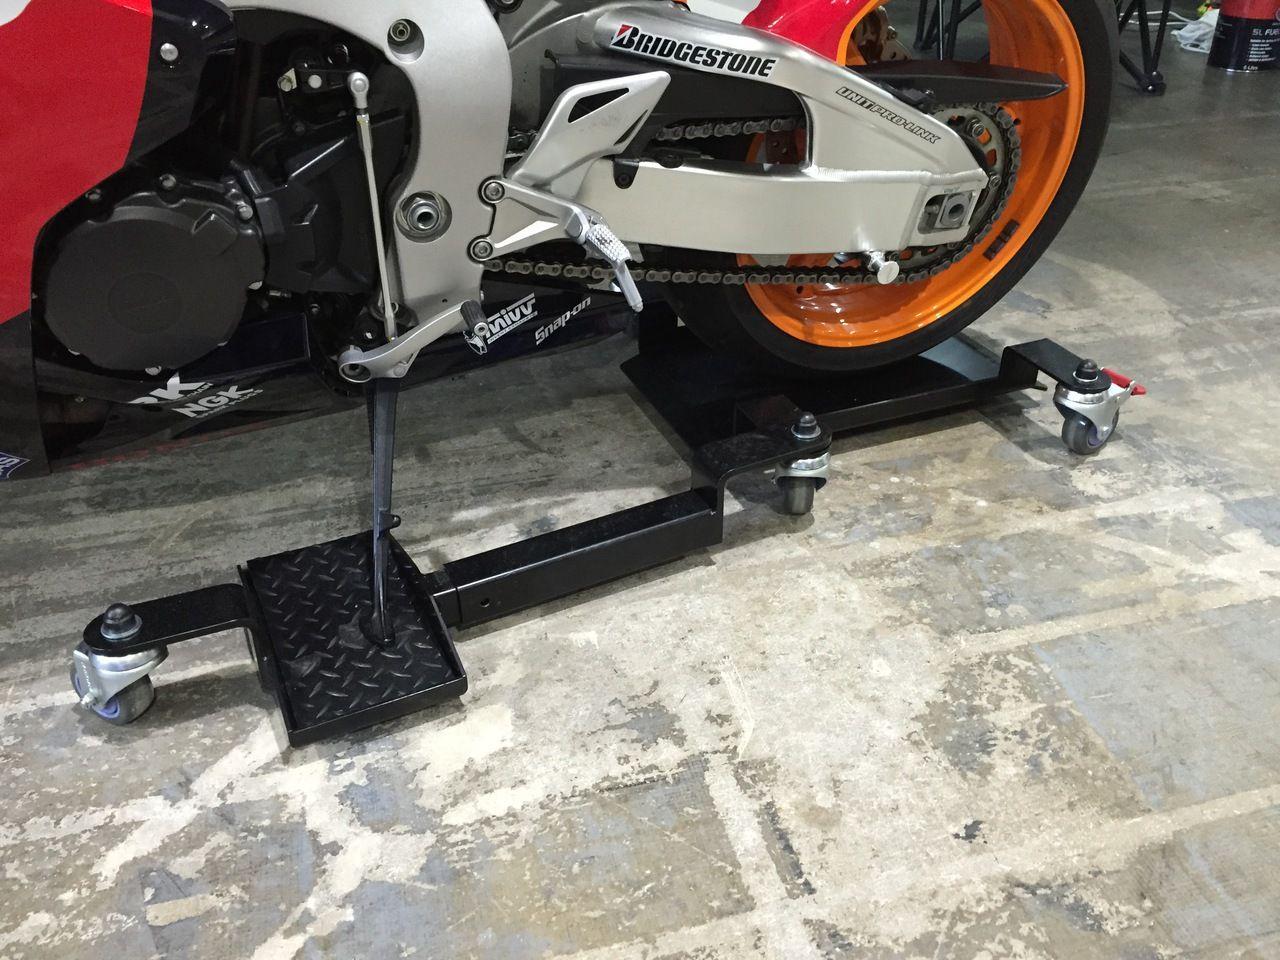 RollAway Motorcycle Mover RAMM Modificaciones de motos